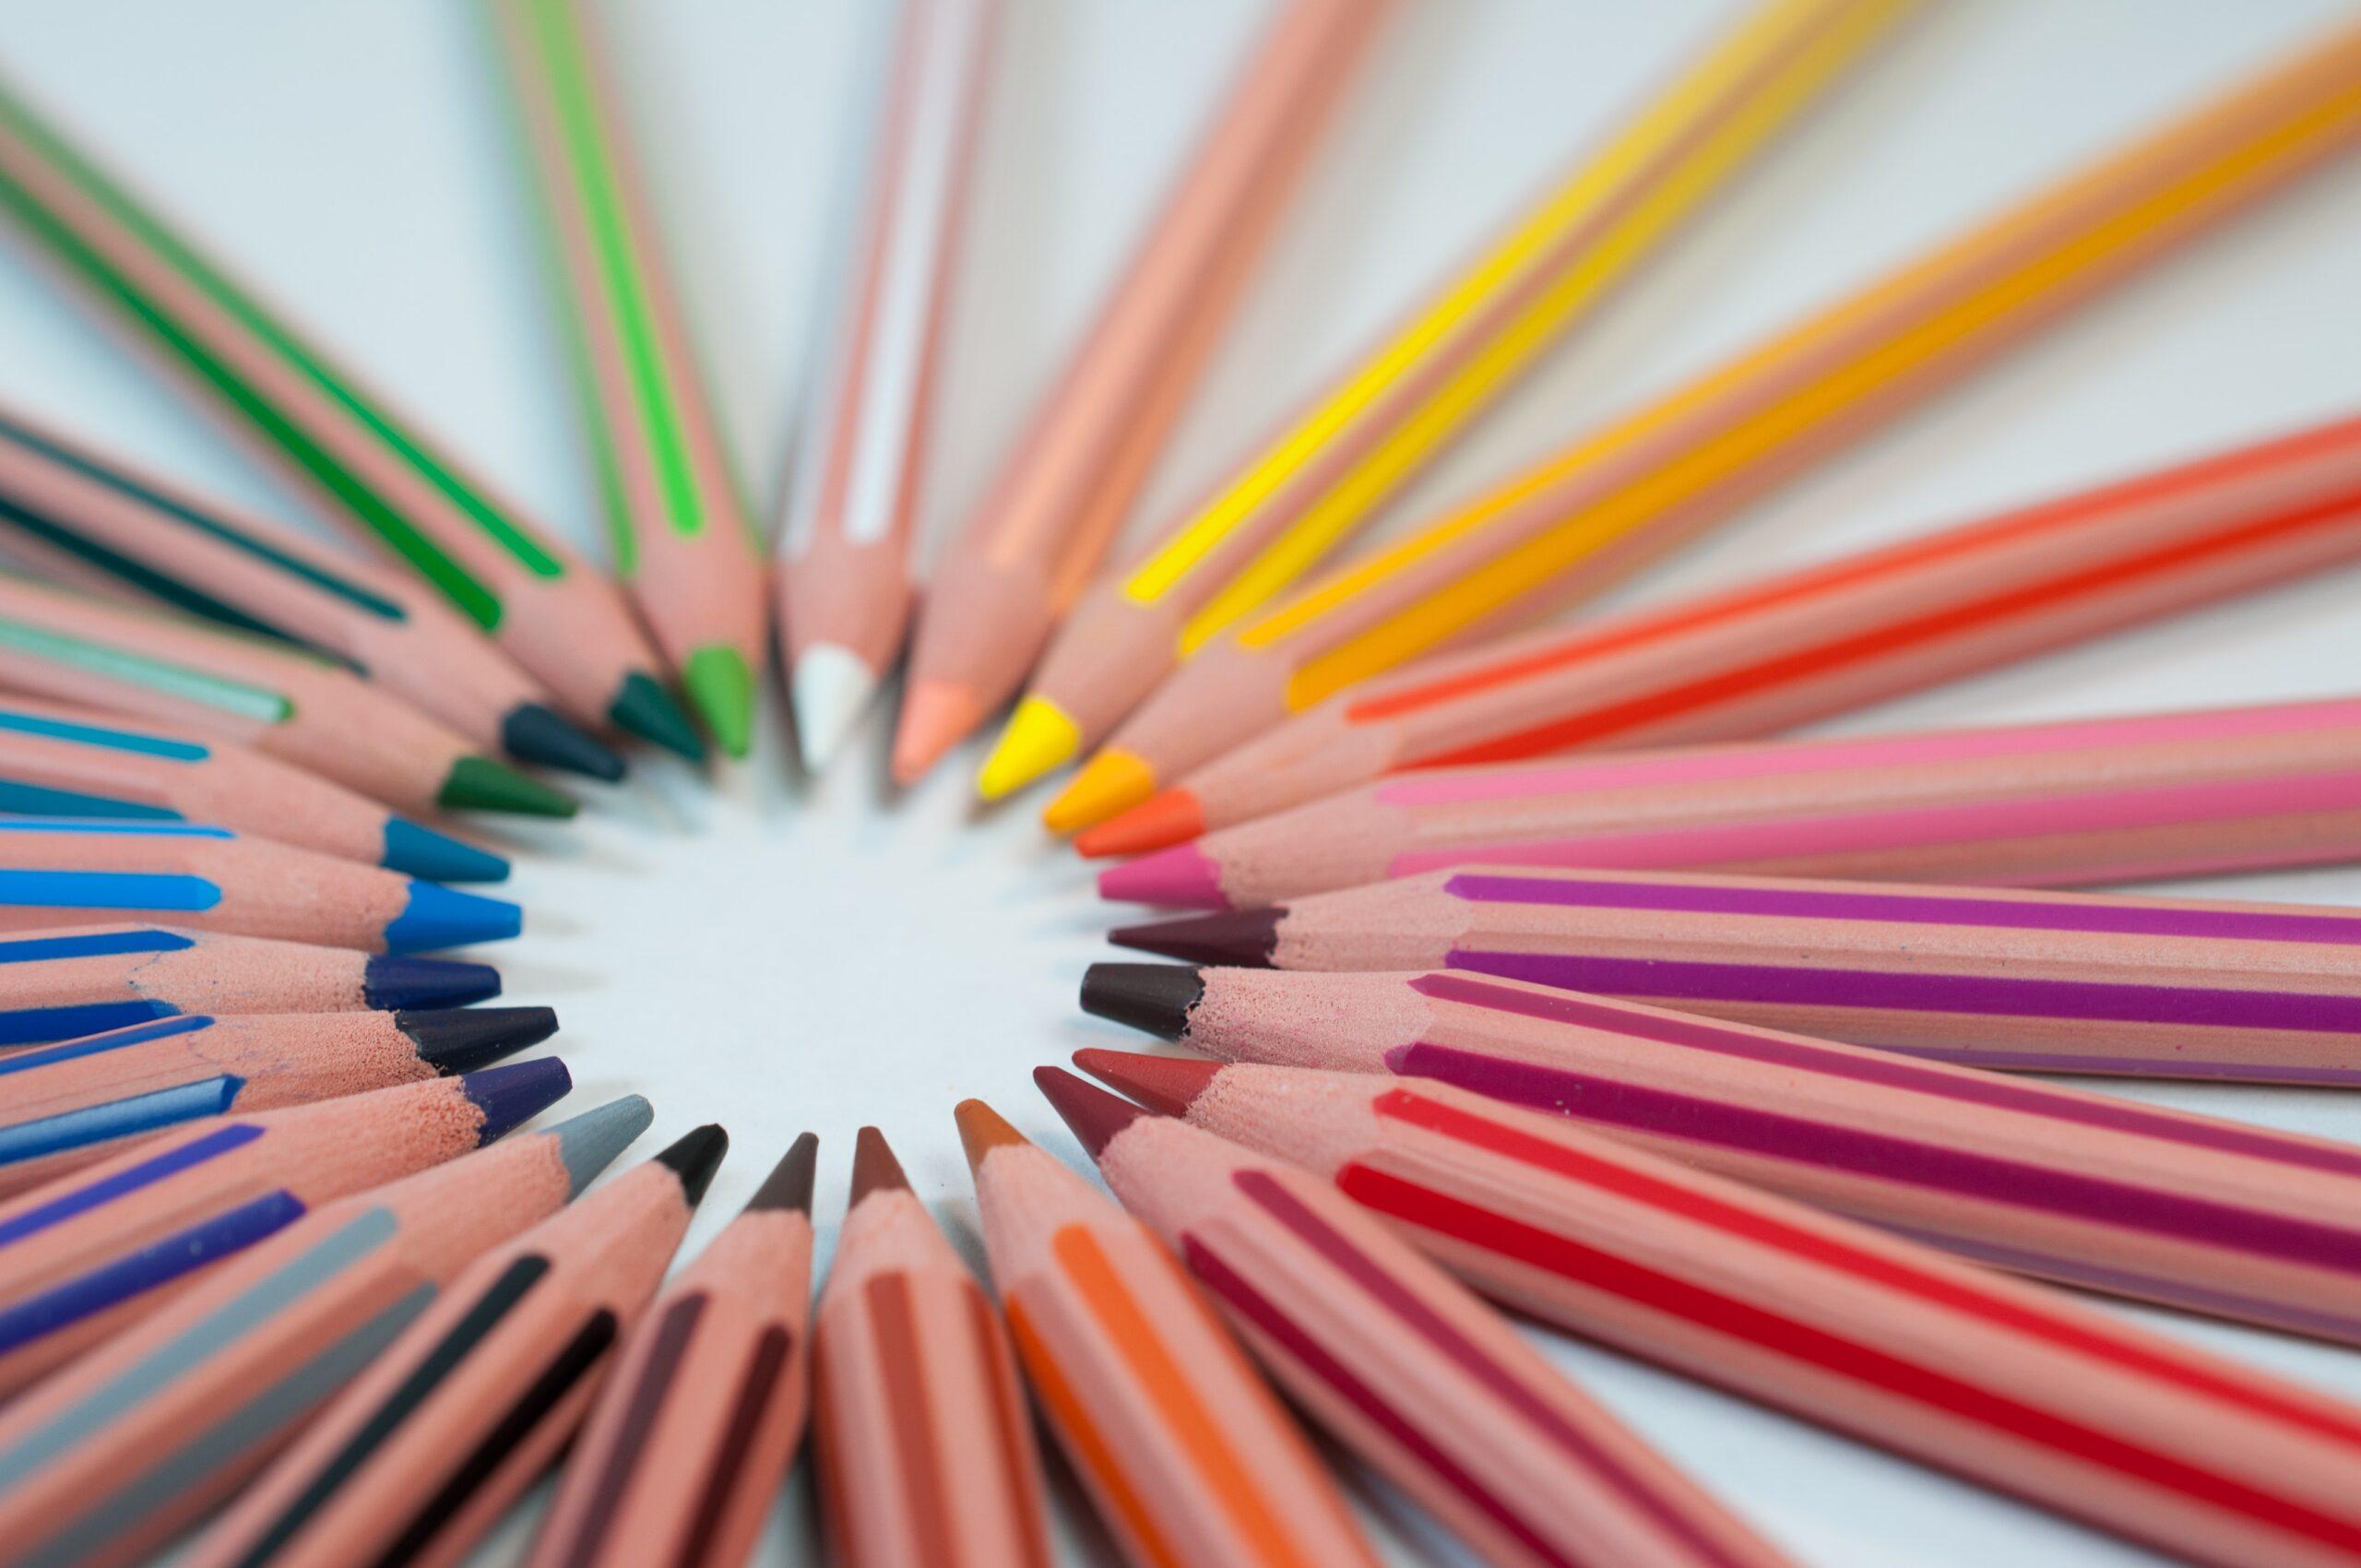 Lifelong learning | Ecco come la scuola dovrebbe promuovere le competenze trasversali